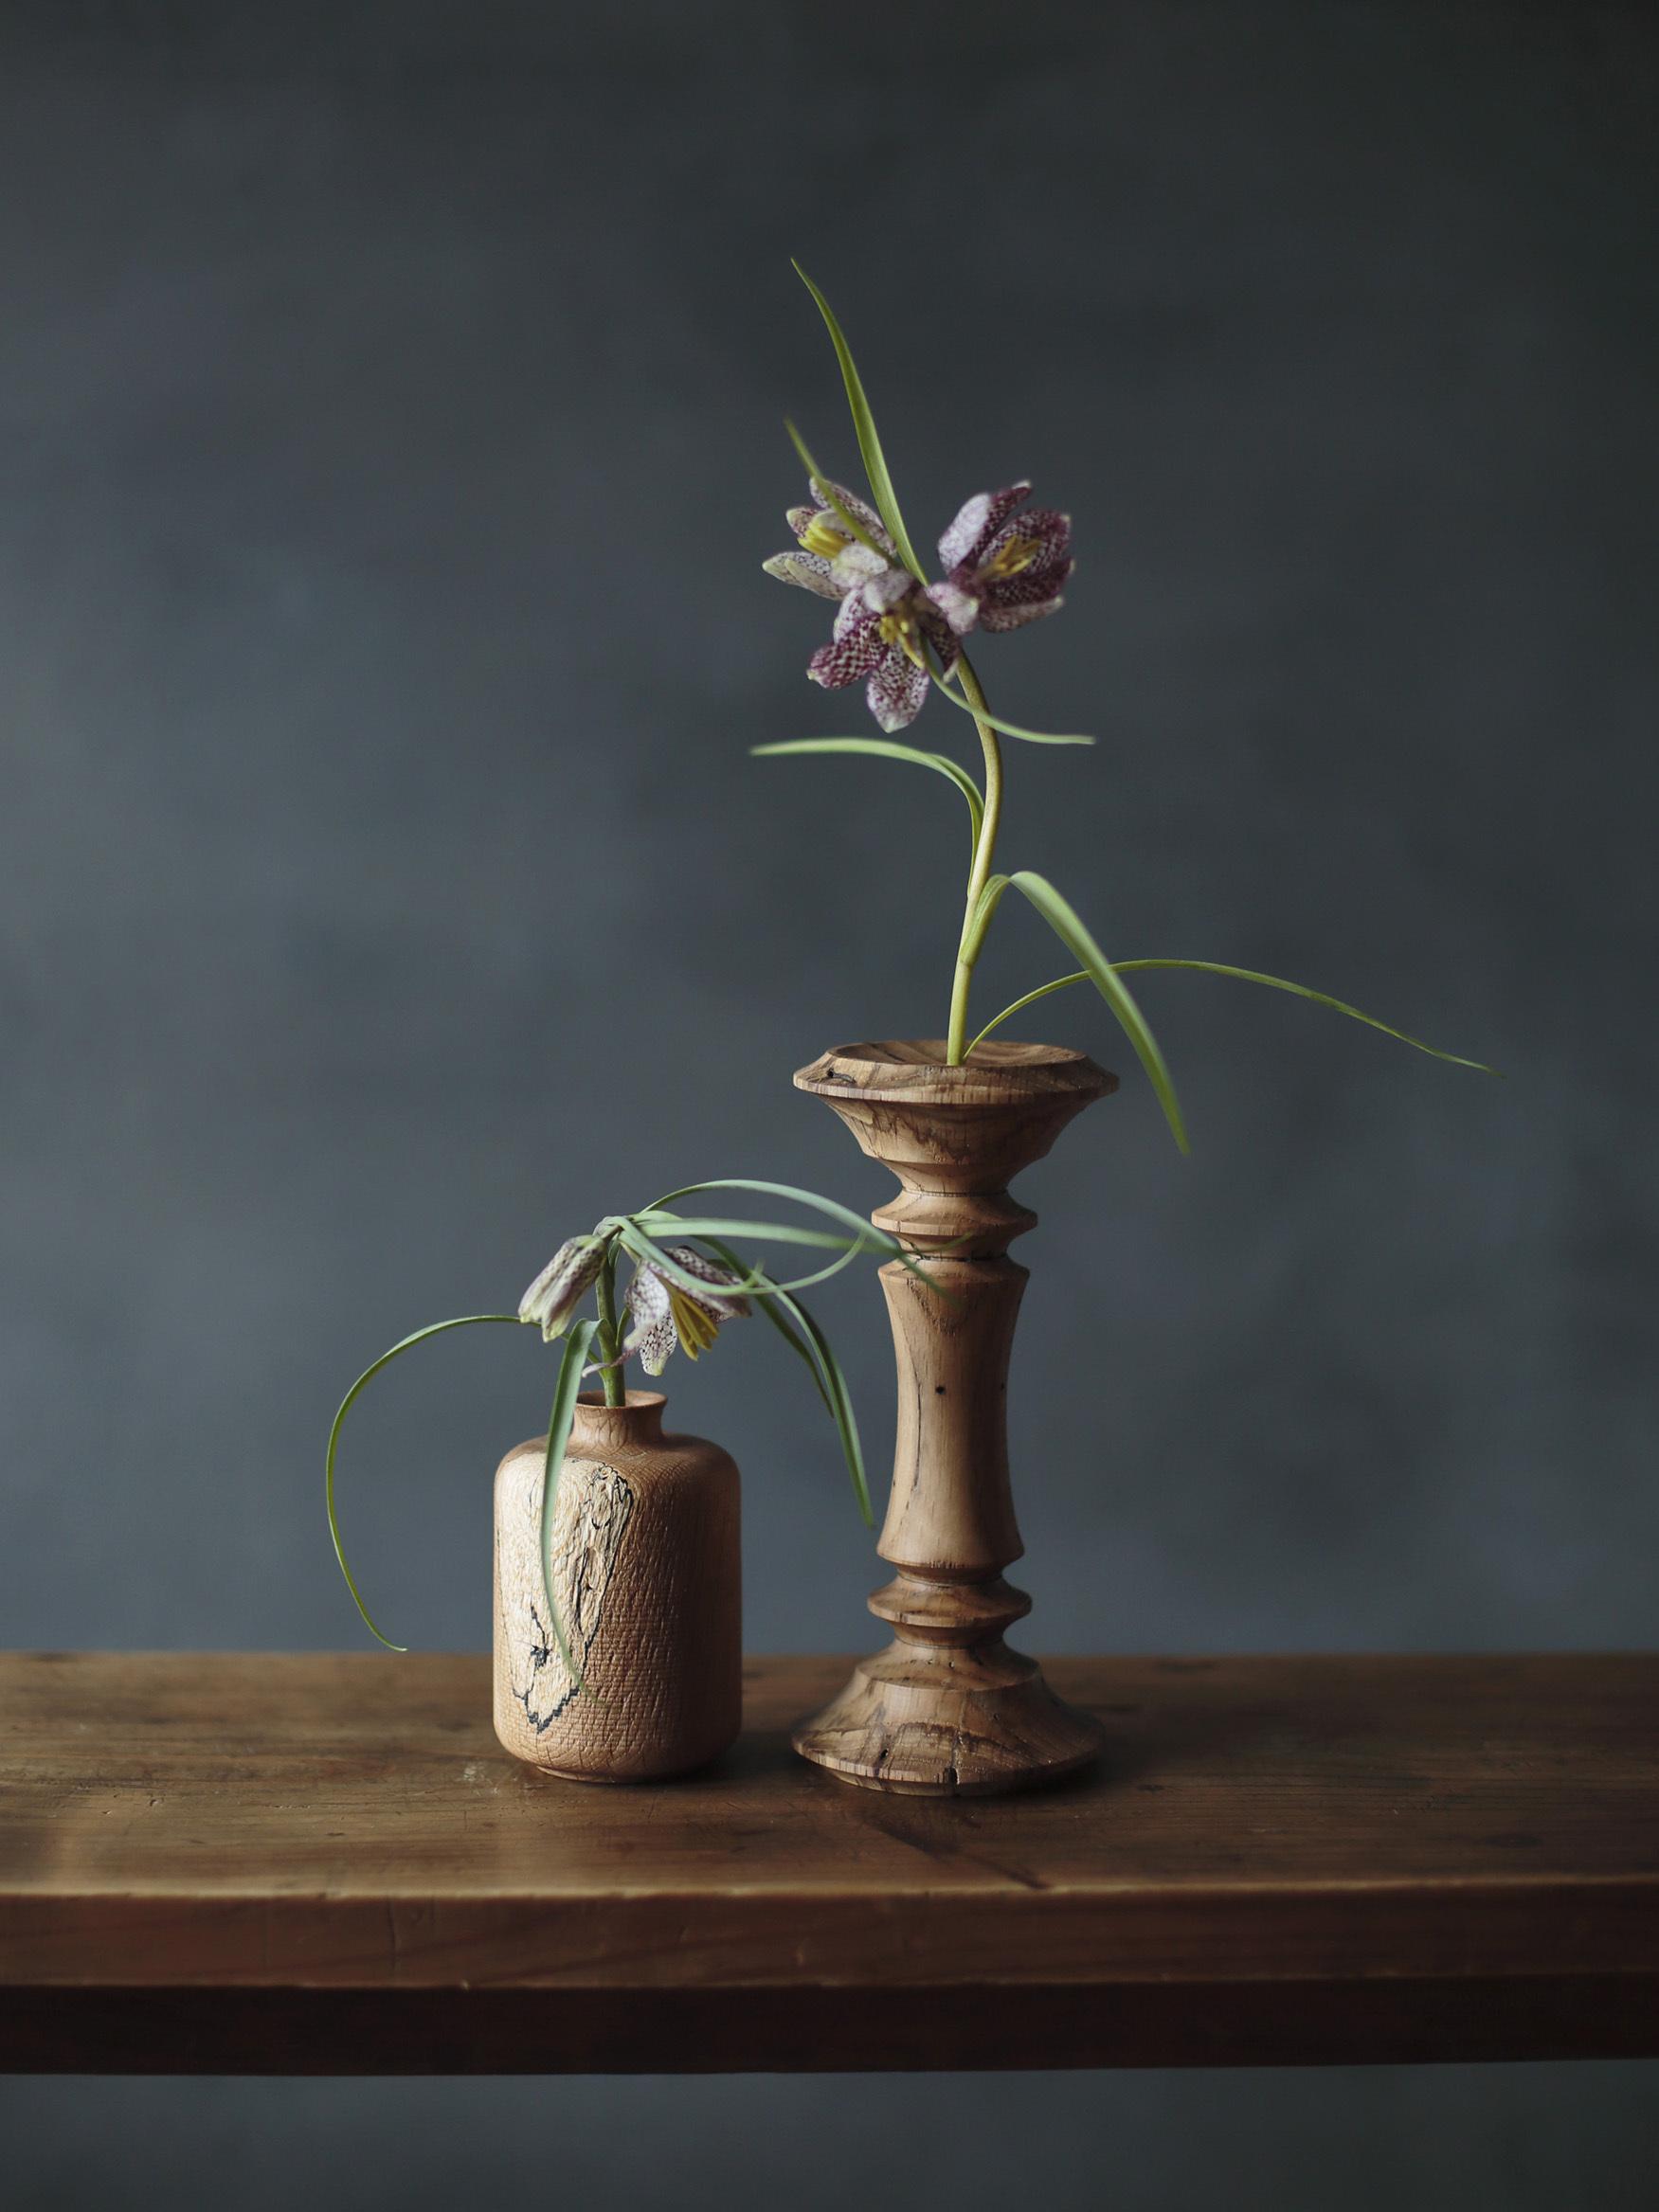 虫喰いの花器 ボビン - 画像3